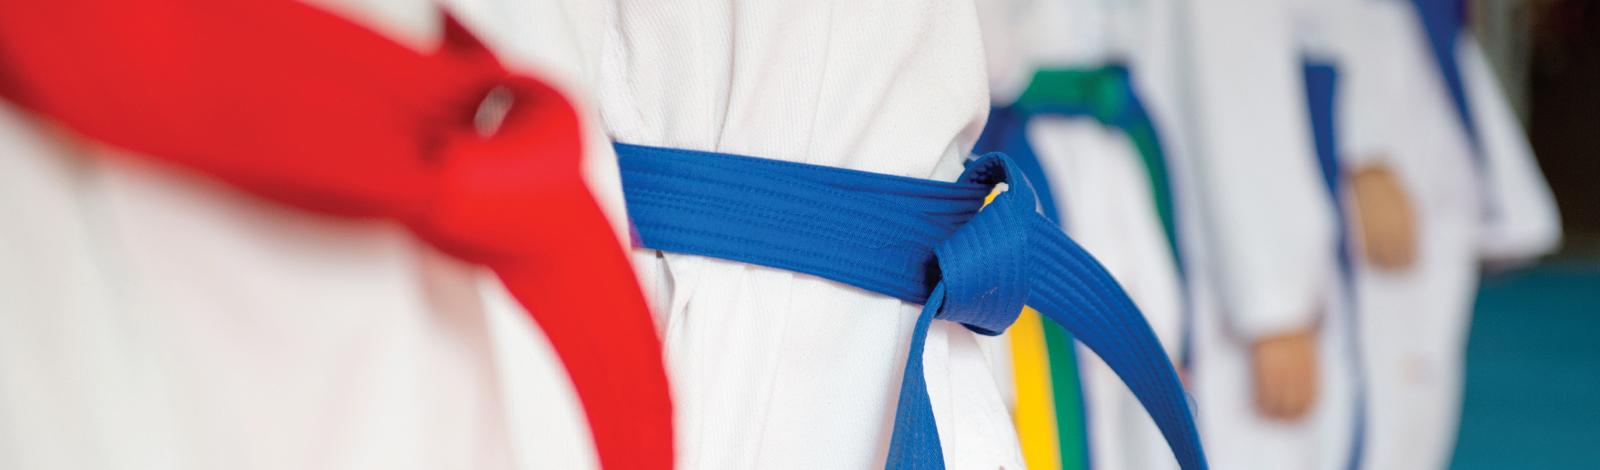 Rhee Taekwondo Bundaberg